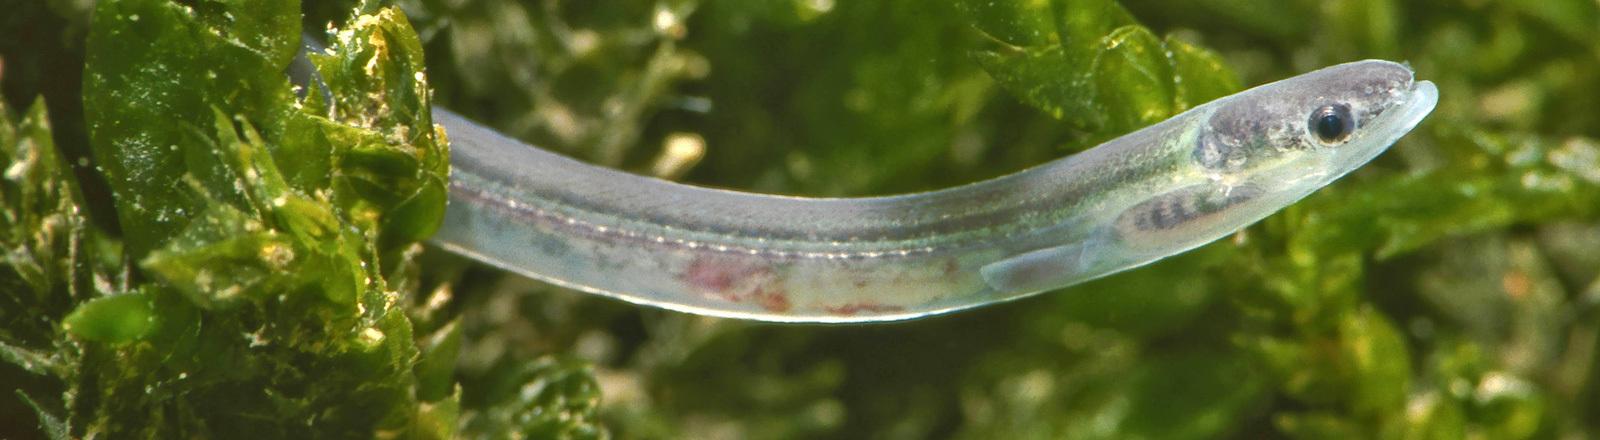 Ein Glasaal, ein noch junger Aal, der noch durchscheinend ist, schaut unter Wasser aus Algen heraus.